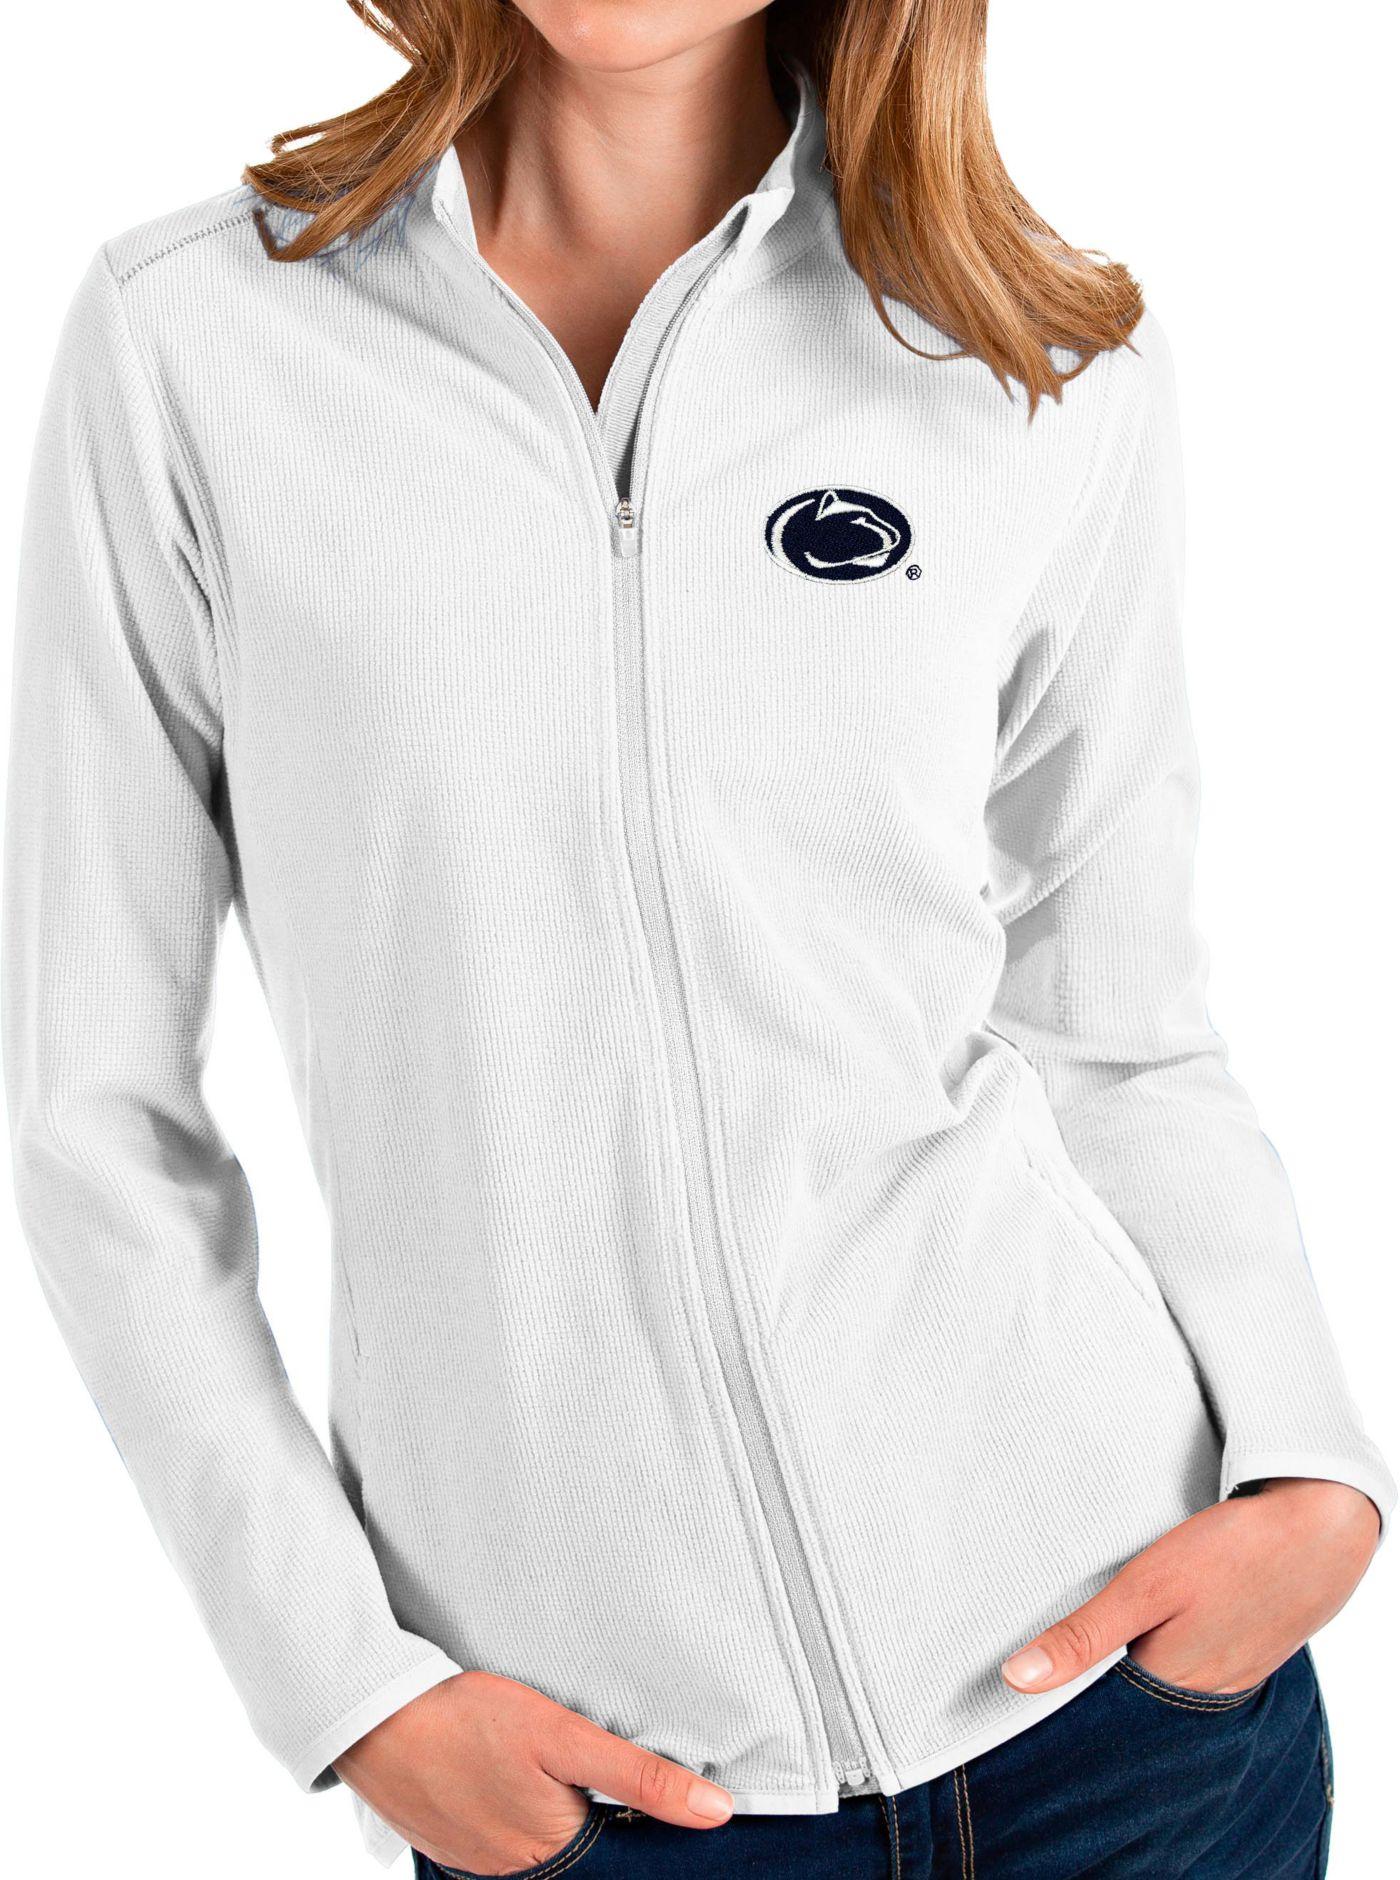 Antigua Women's Penn State Nittany Lions Glacier Full-Zip White Jacket